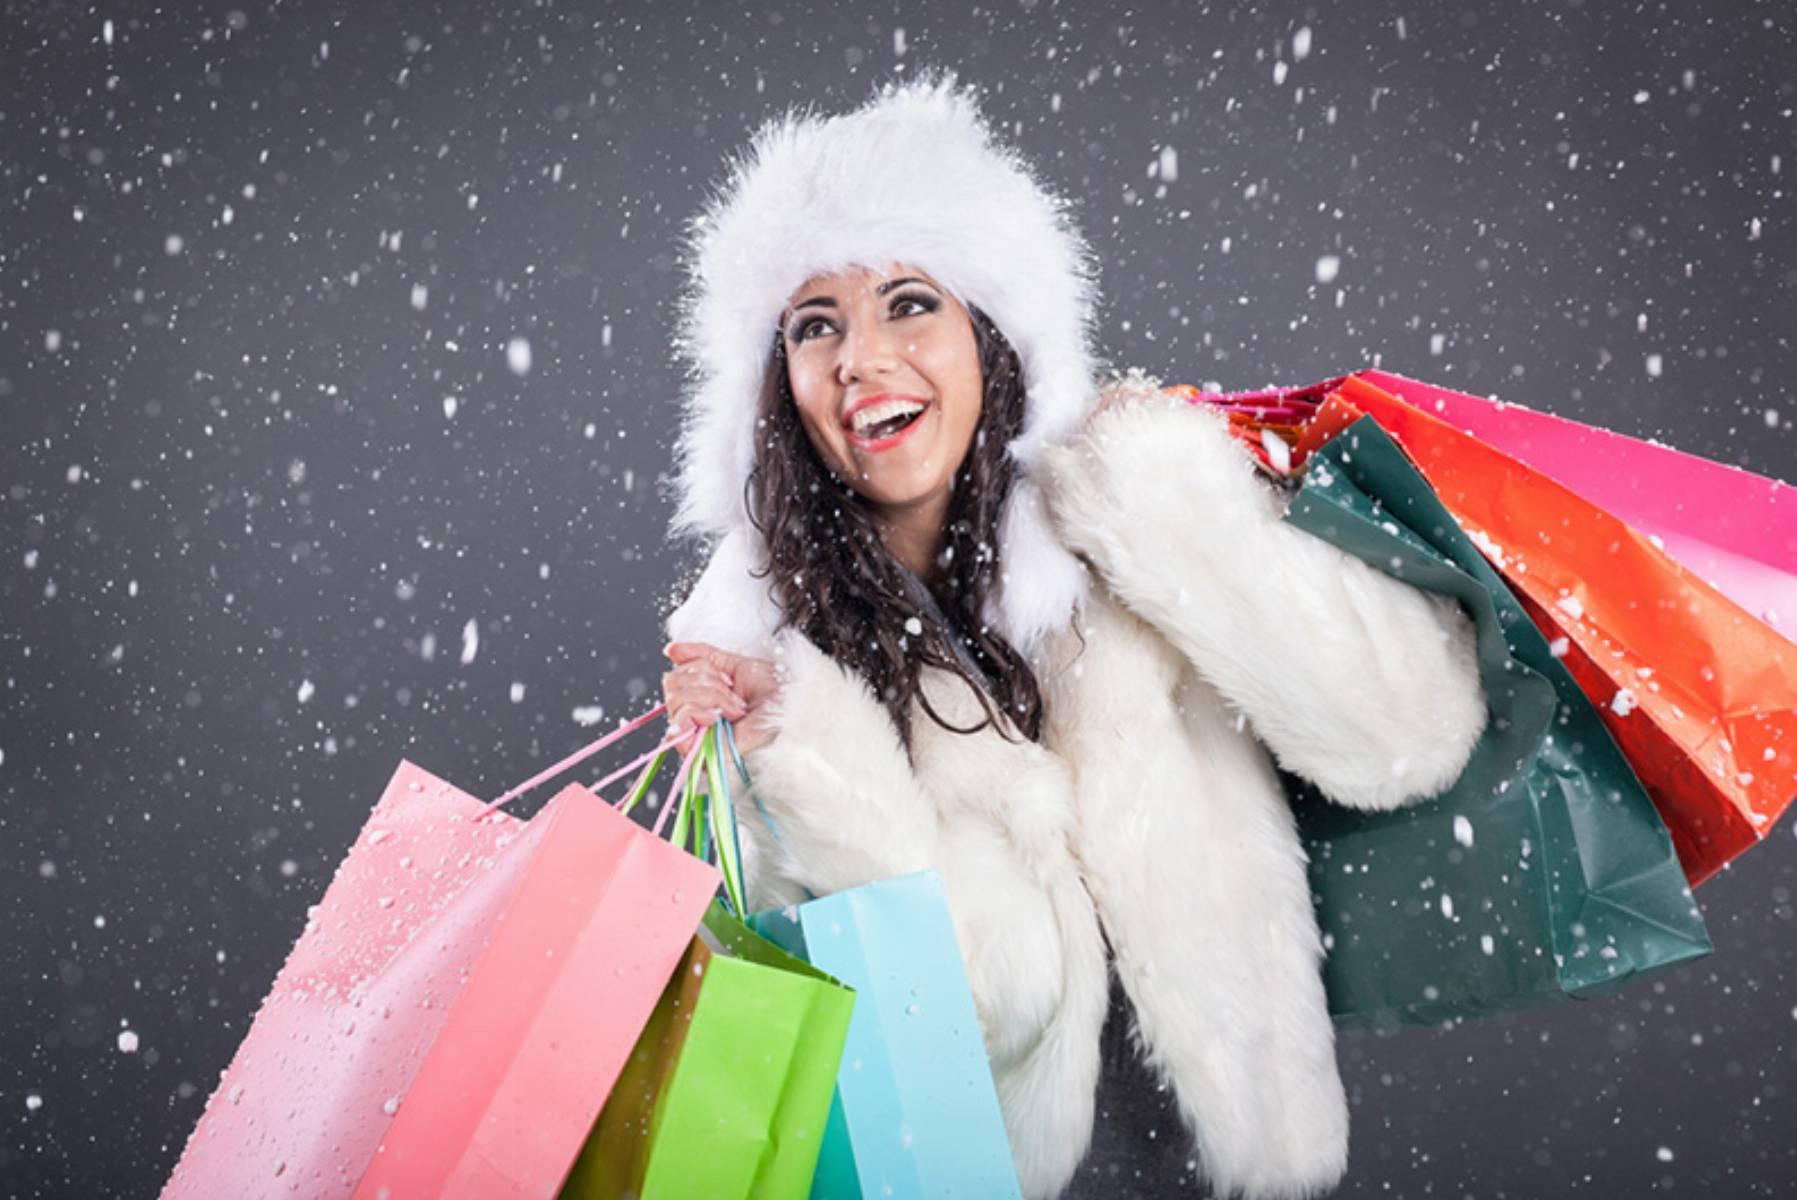 Promocje przedświąteczne czy zimowe wyprzedaże